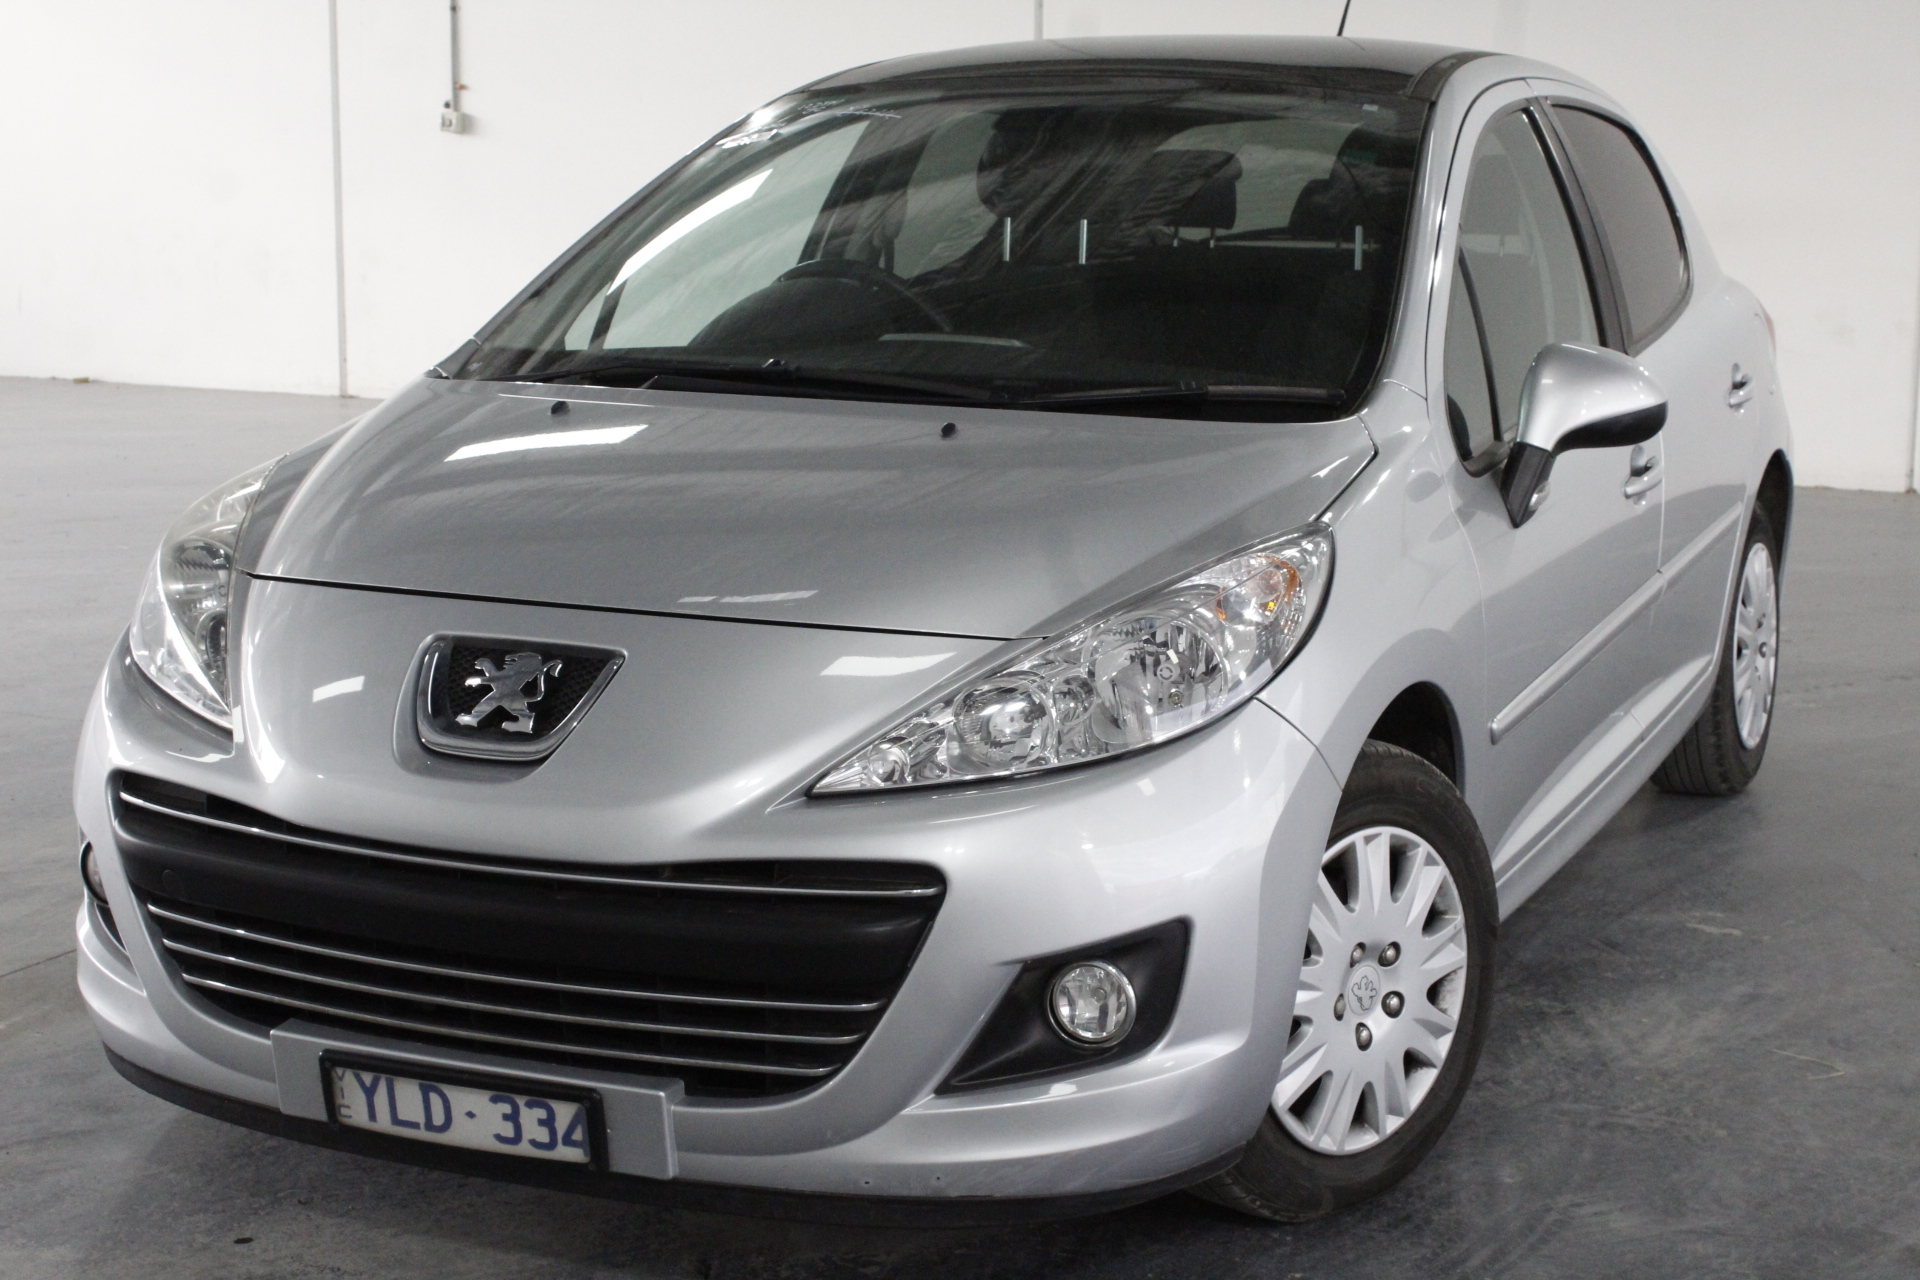 2011 Peugeot 207 XT Automatic Hatchback